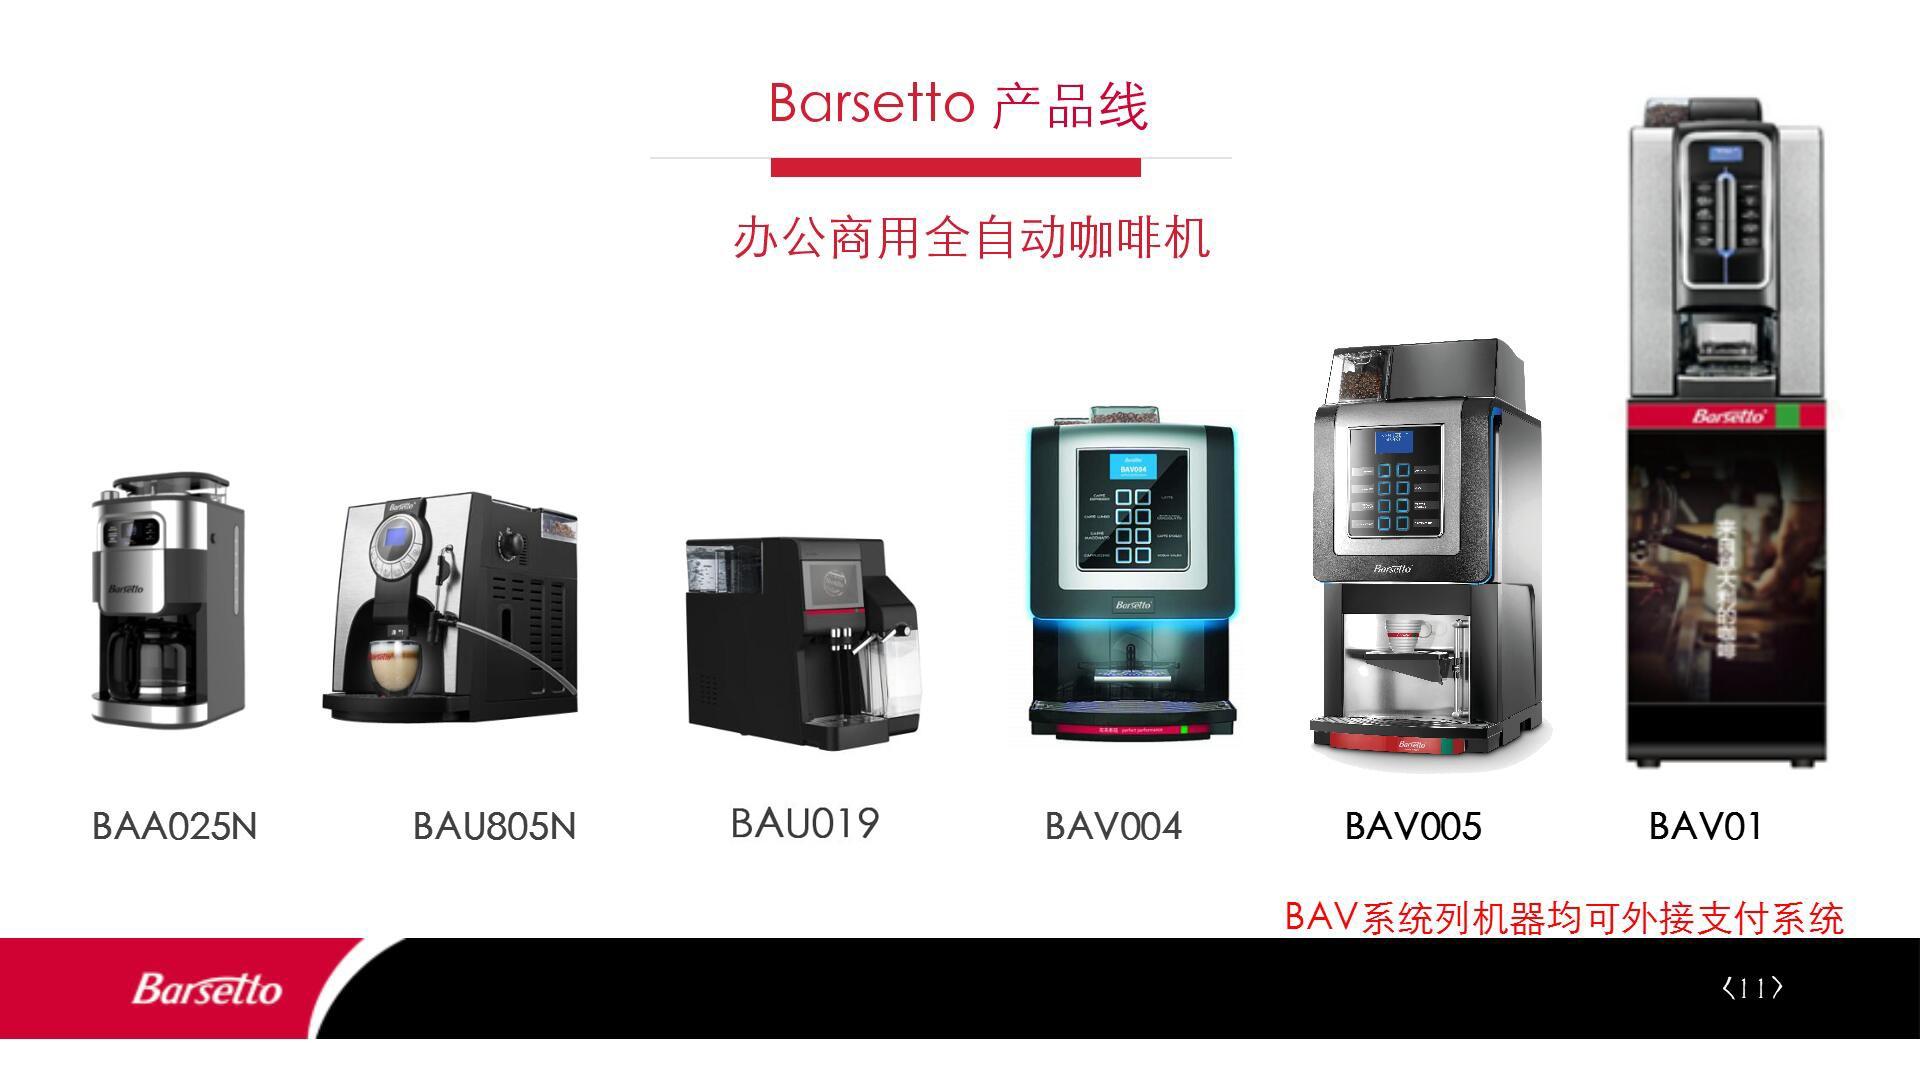 Barsetto 咖啡机方案 (11)